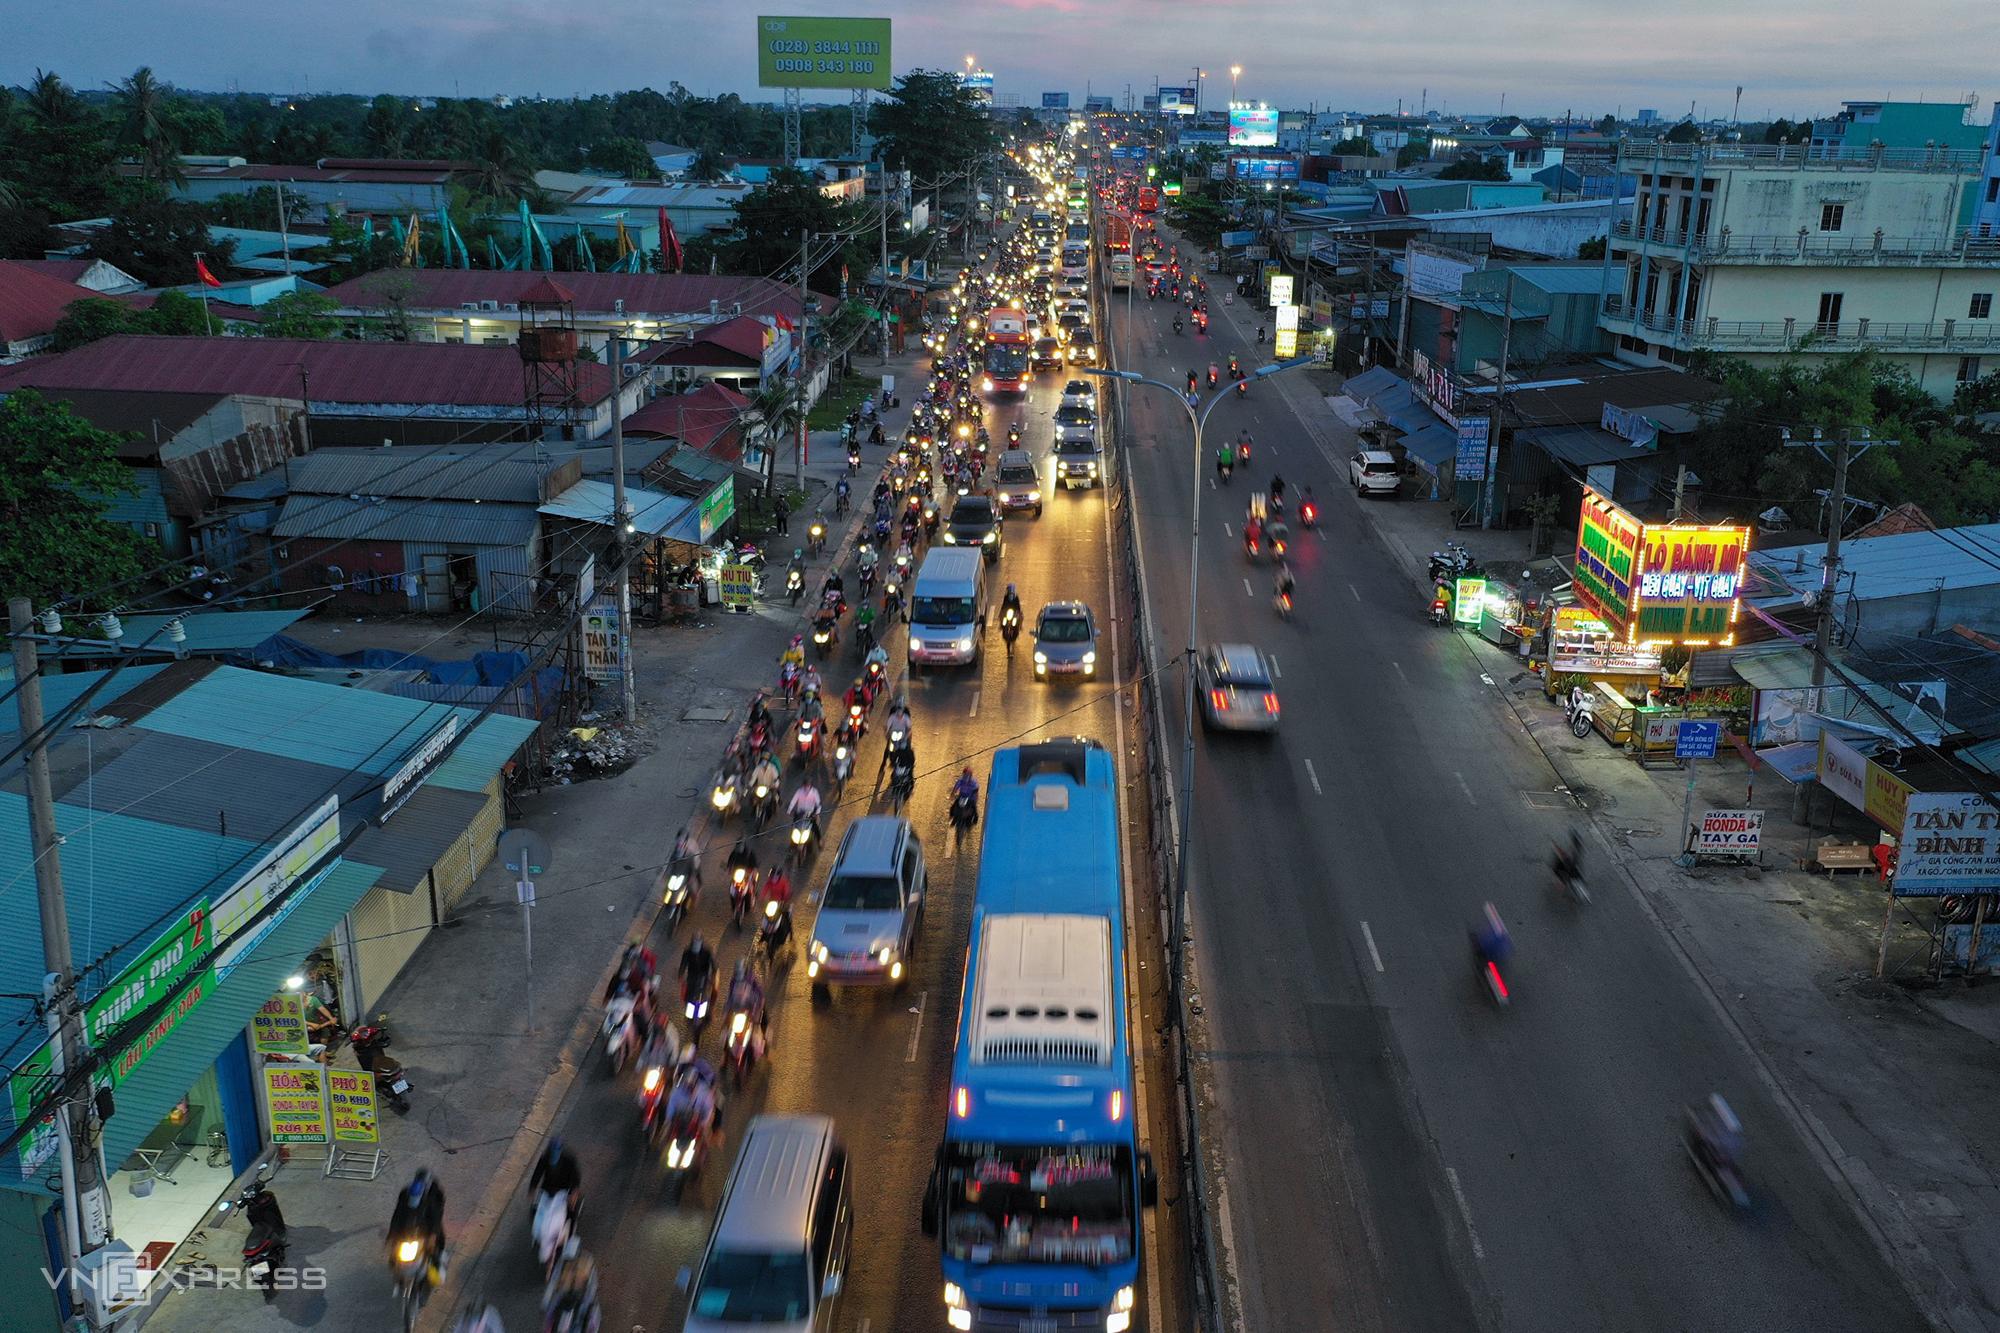 Các xe từ miền Tây về TP HCM trên quốc lộ 1 không gặp kẹt xe như các dịp lễ trước. Ảnh: Hữu Khoa.